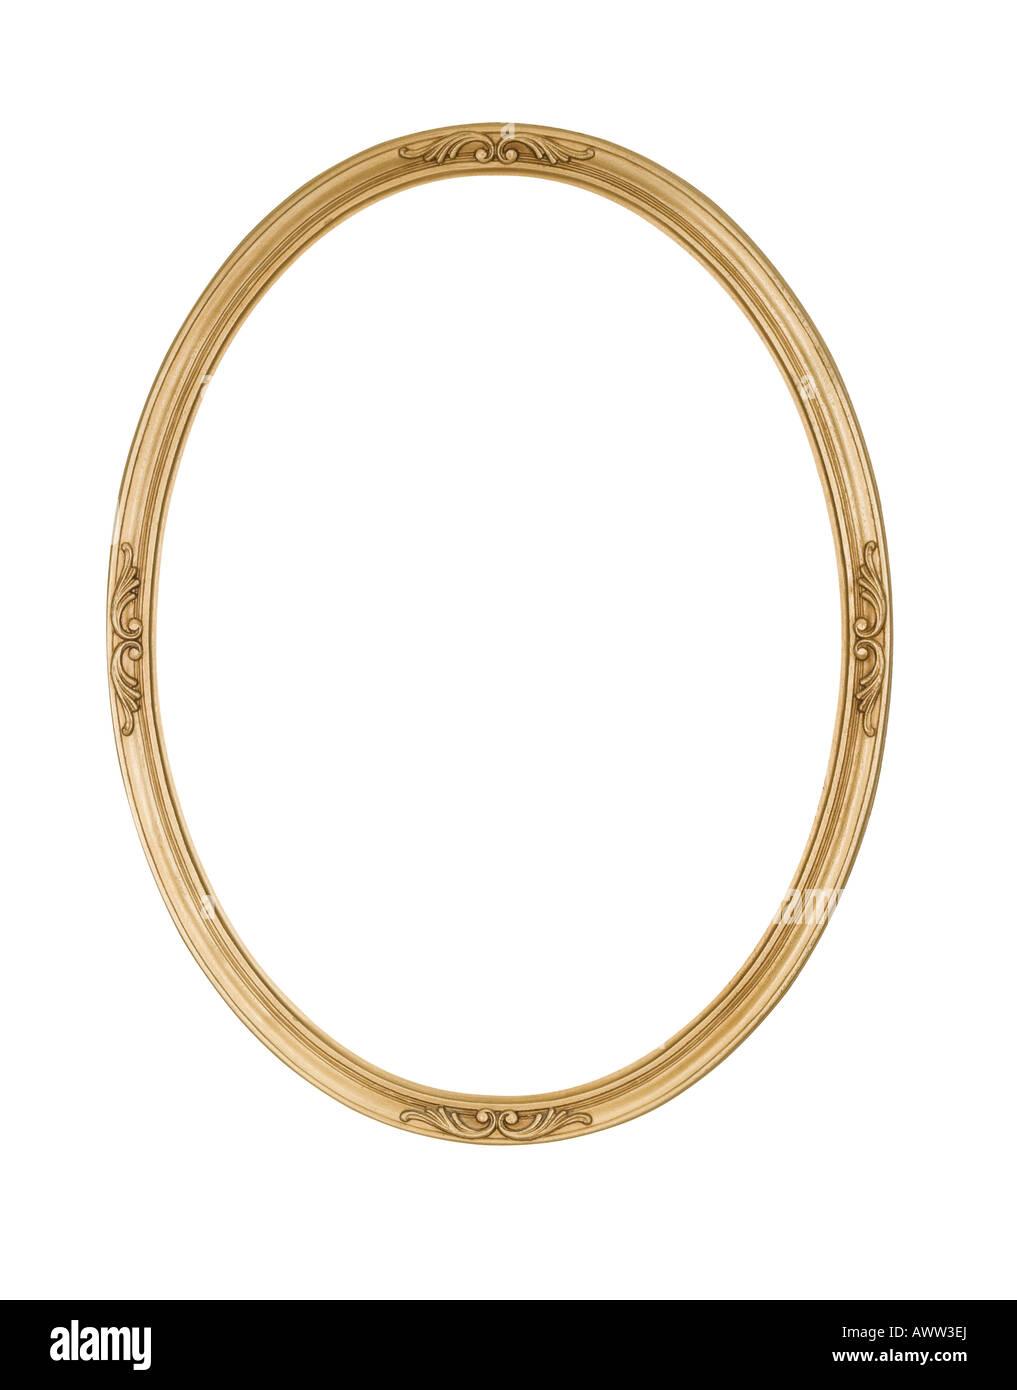 Bild Rahmen Oval Runde Antik Gold, leicht raue Oberfläche mit ...